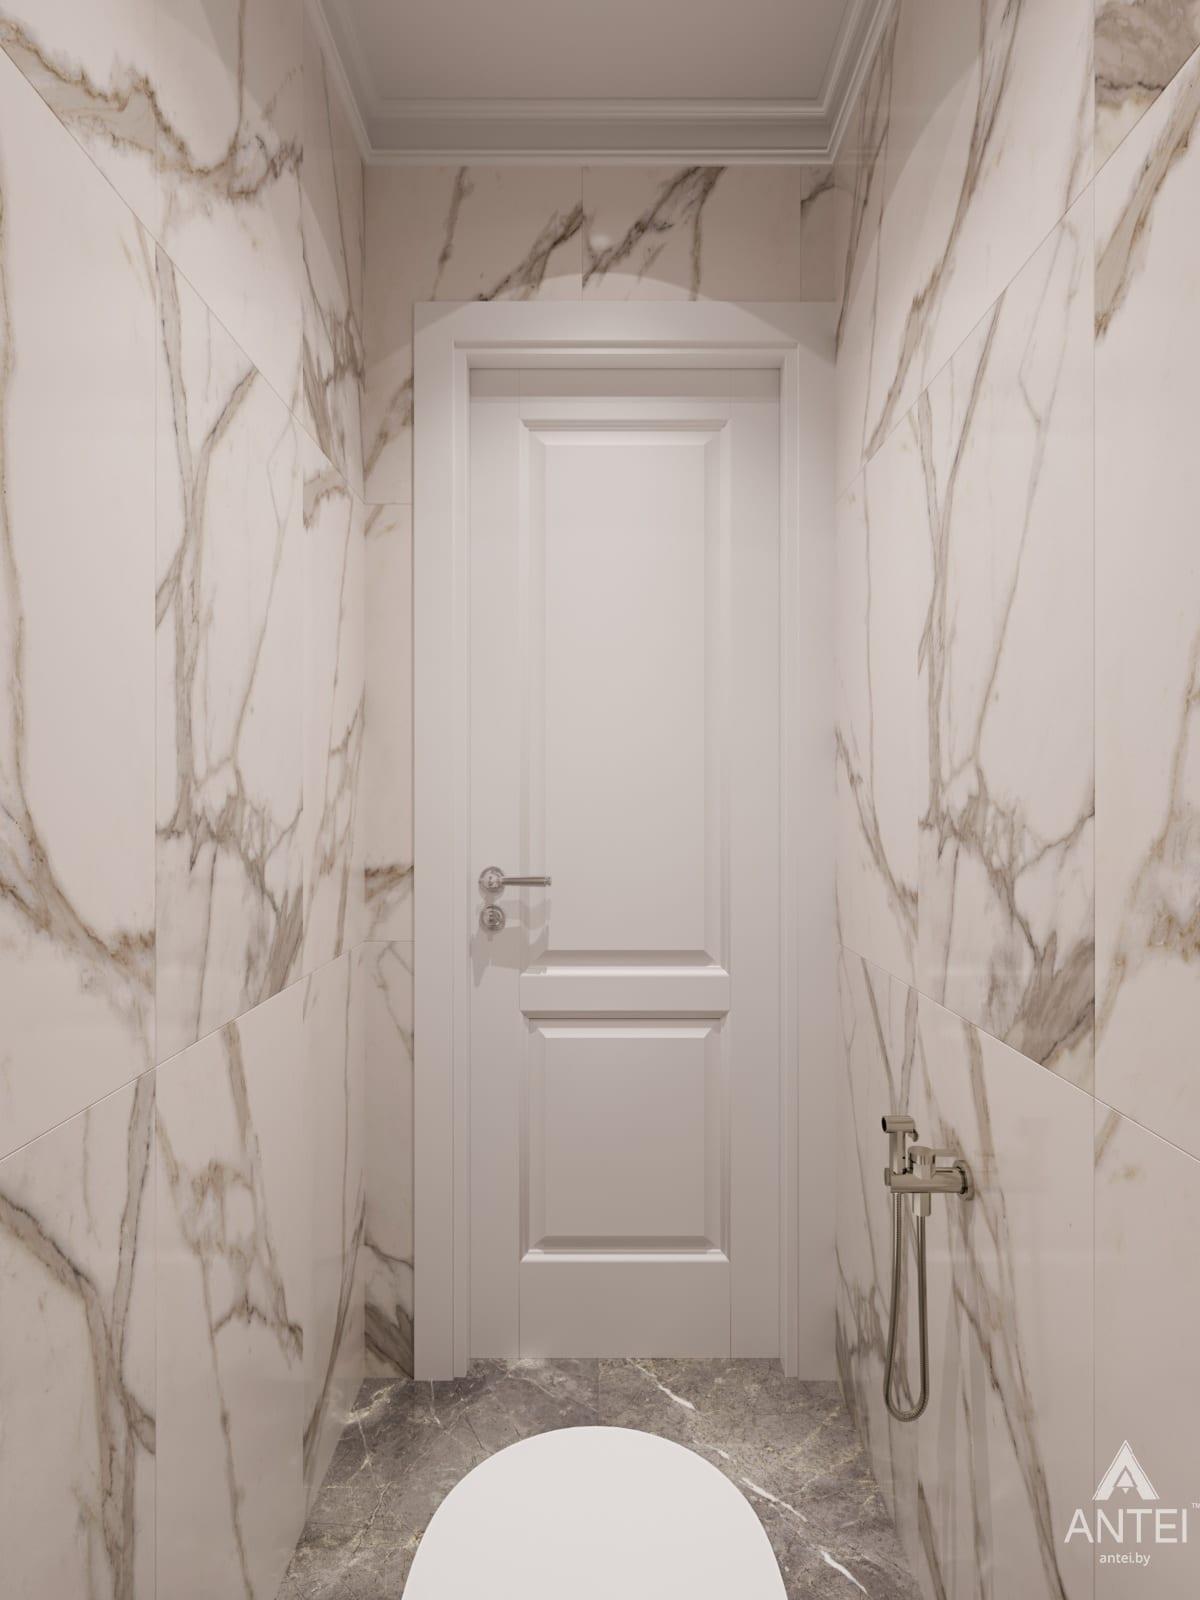 Дизайн интерьера трехкомнатной квартиры в Гомеле, ул. Бородина Т.С. - туалет фото №1